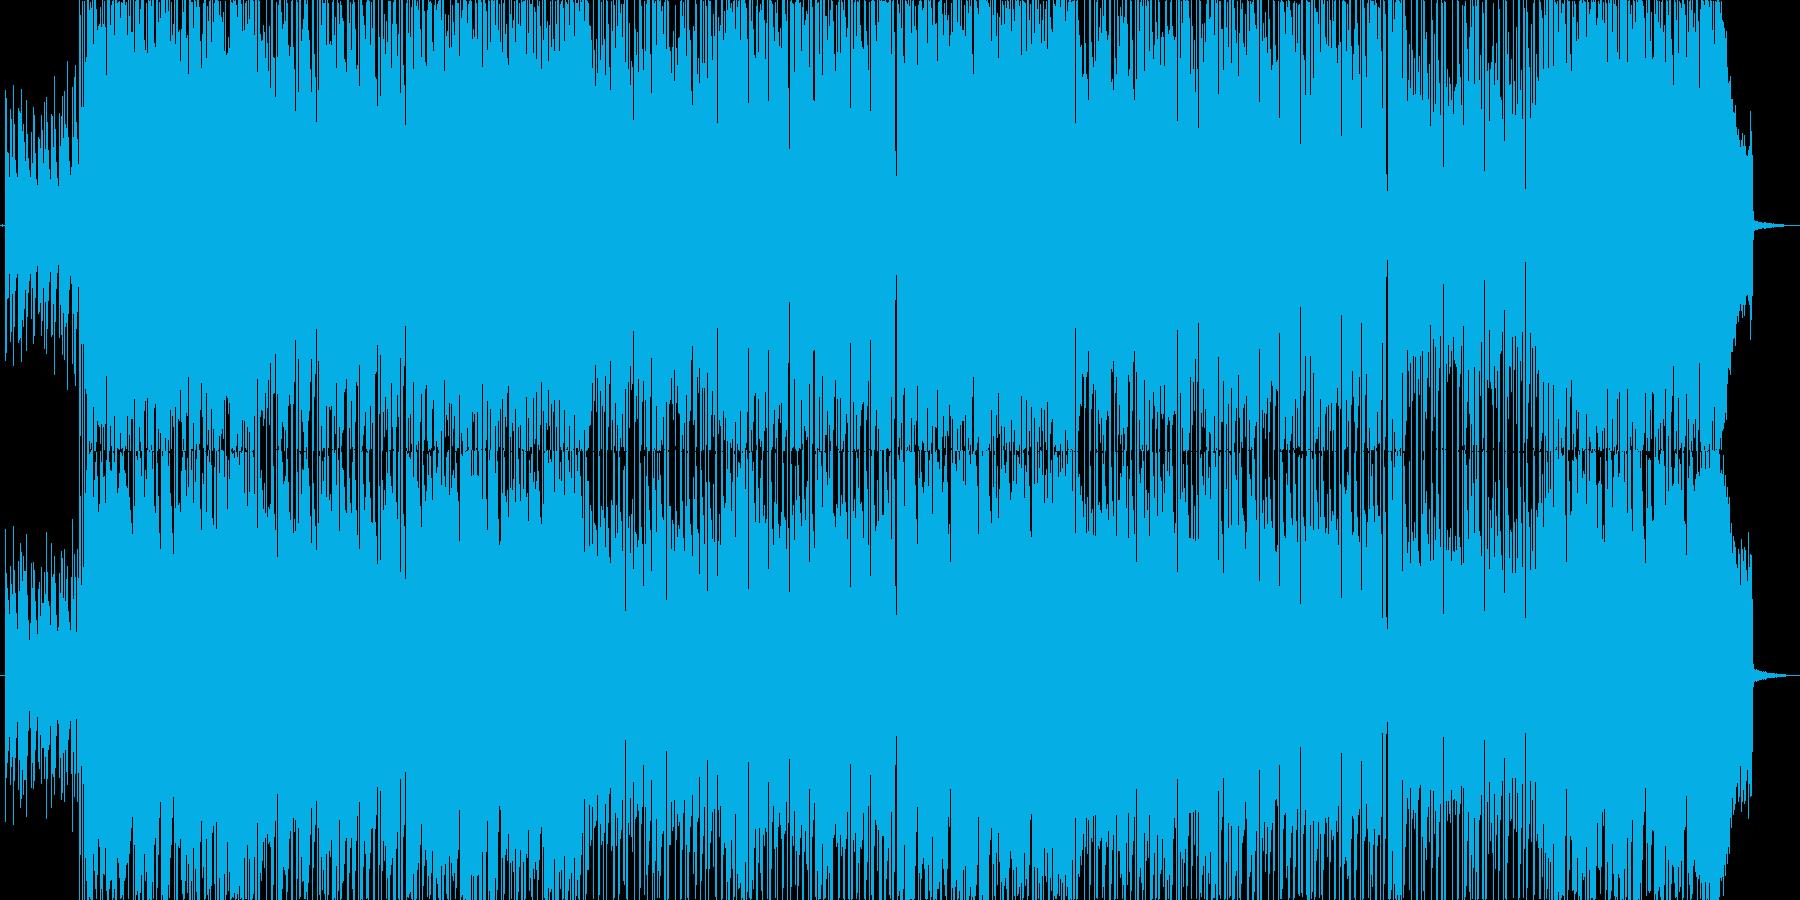 【ほのぼの系】お散歩ポップス【映像】の再生済みの波形